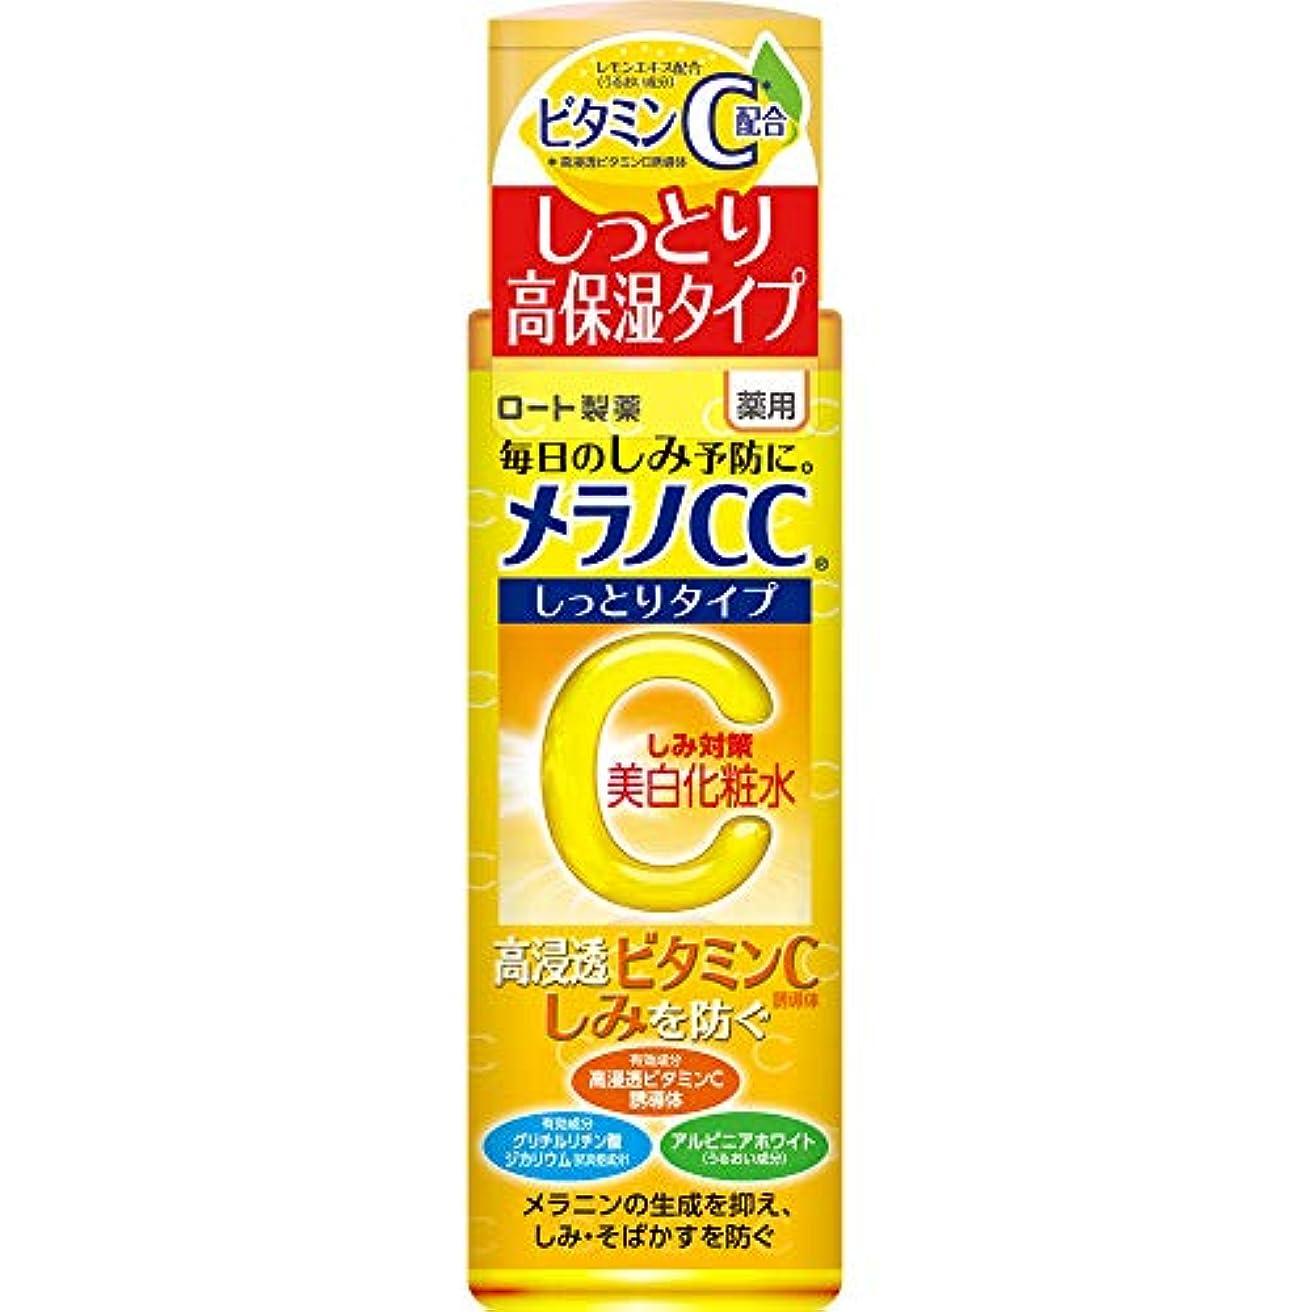 降臨のために早熟メラノCC 薬用しみ対策美白化粧水 しっとりタイプ 170mL